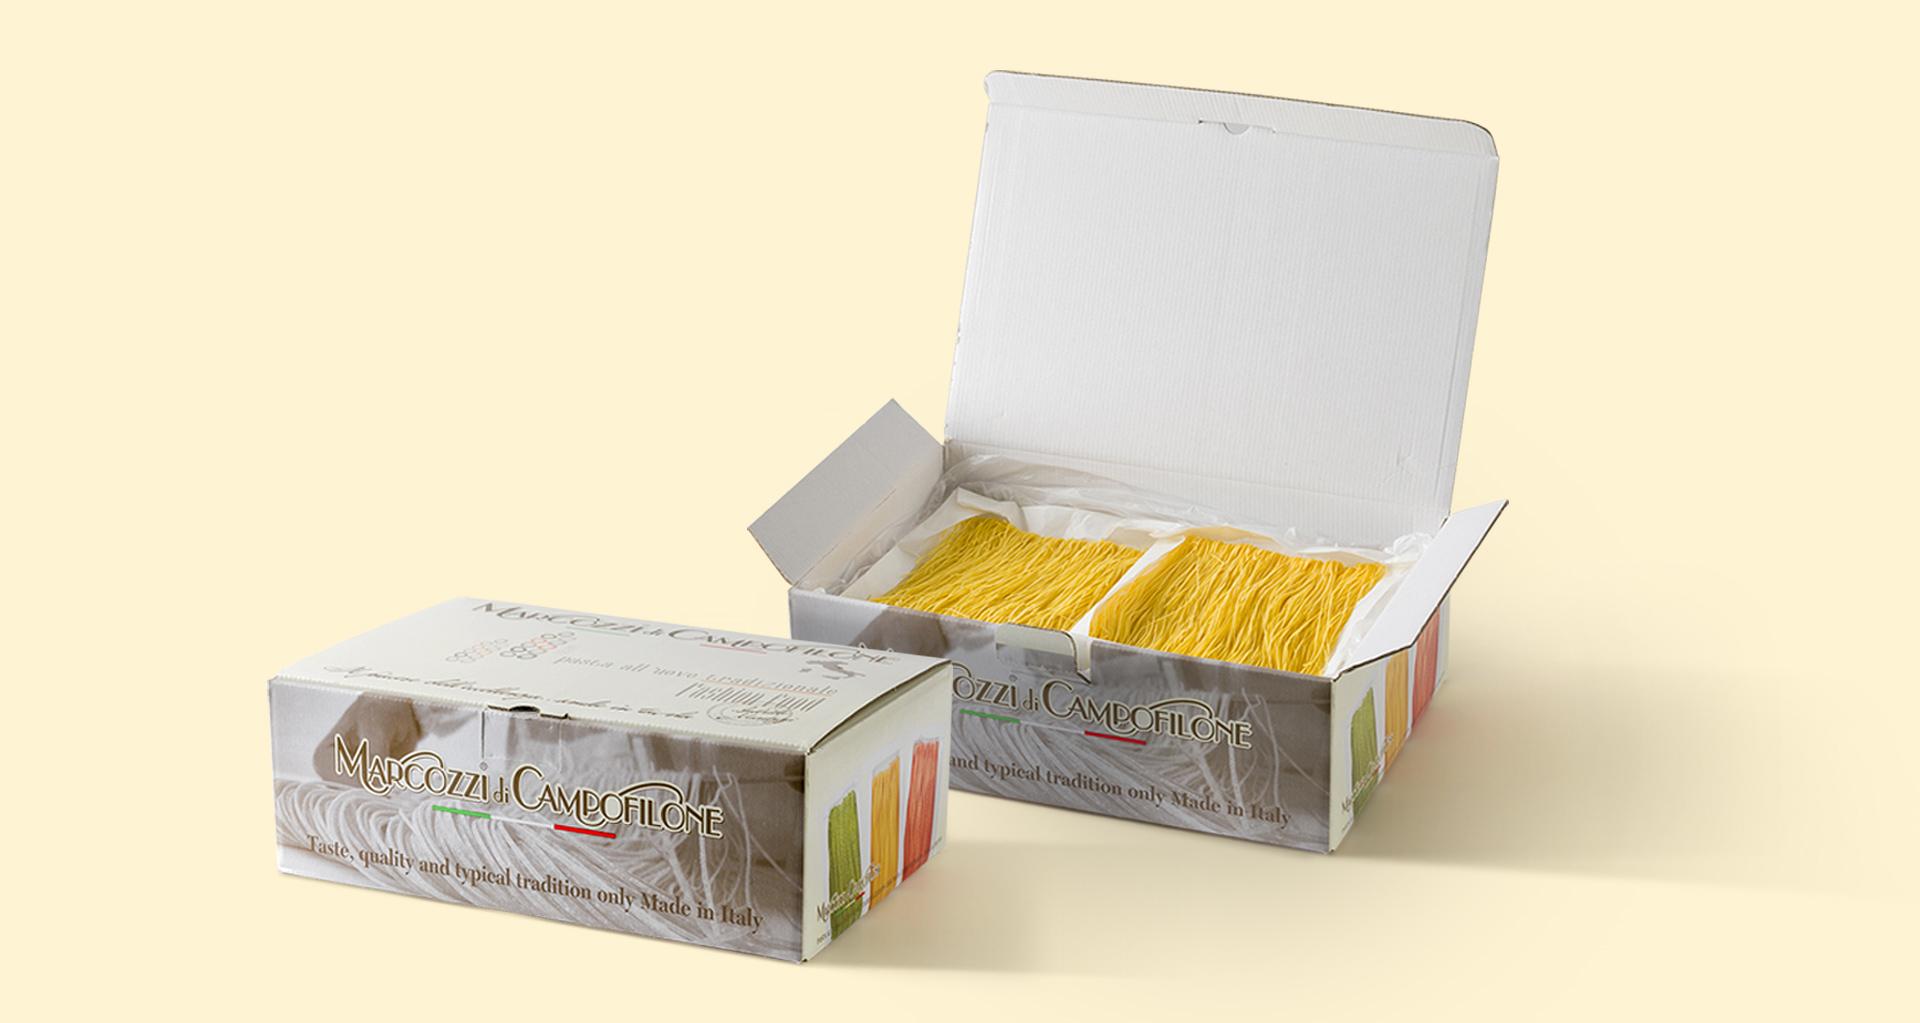 Pasta all'uovo di Campofilone | Pastificio Marcozzi di Campofilone